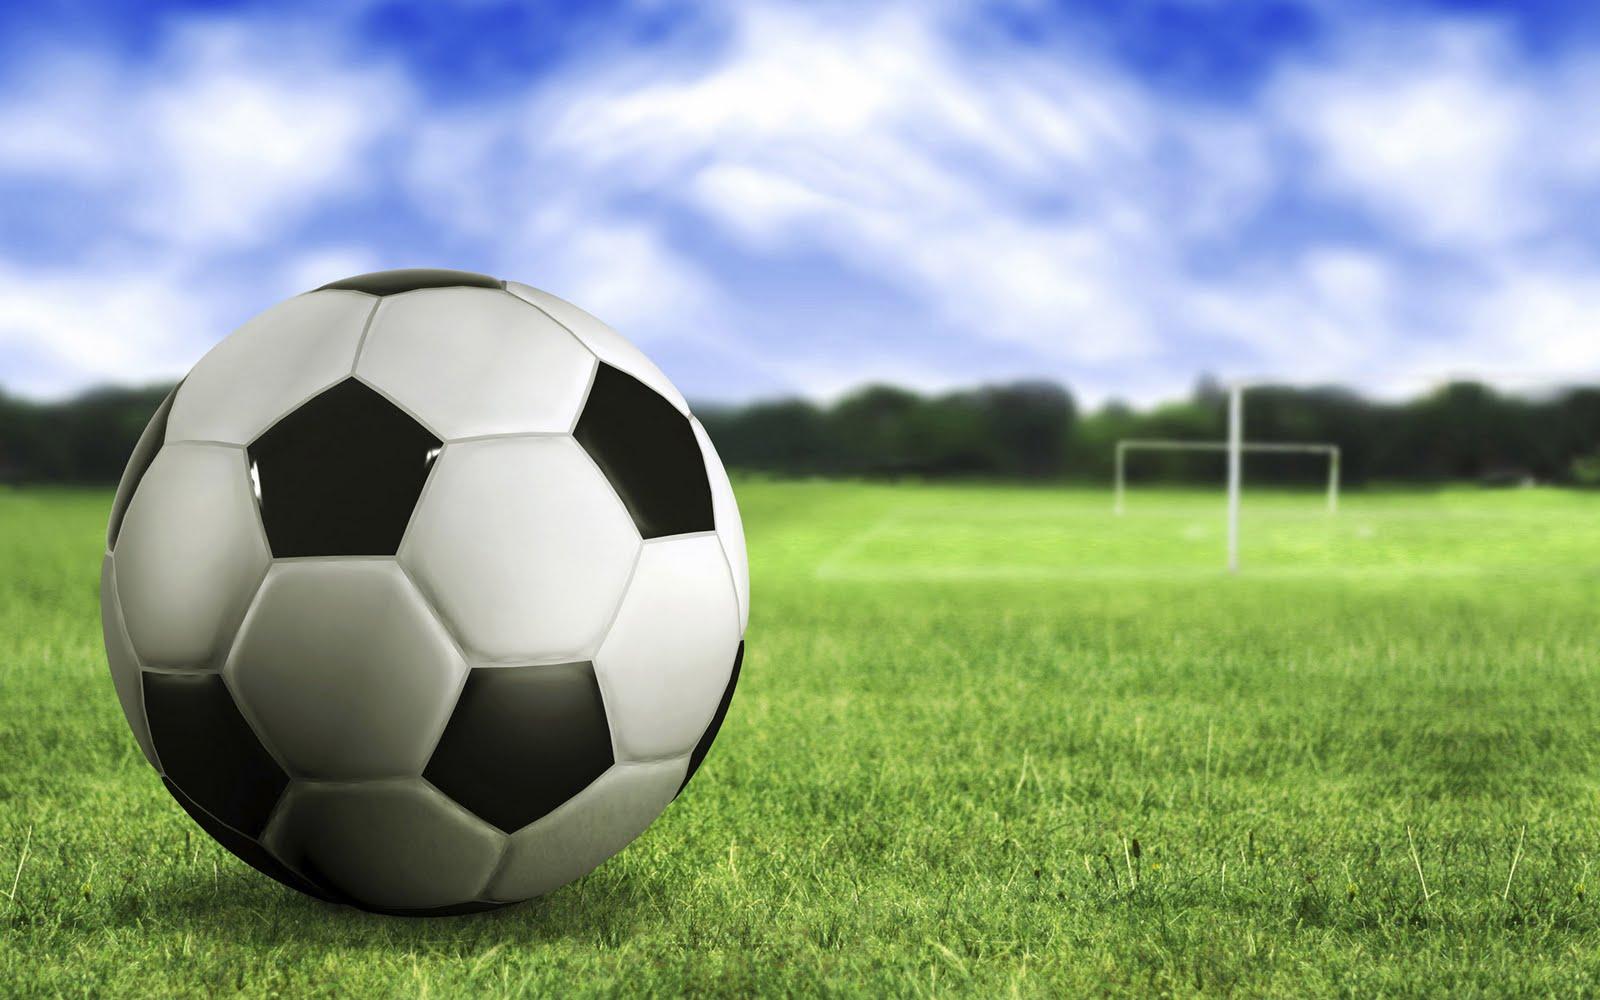 http://4.bp.blogspot.com/_JMdl-D4Jq6w/TDn6mVB3VQI/AAAAAAAANEE/Krm2LcdaJU4/s1600/HD_Soccer_13.jpg